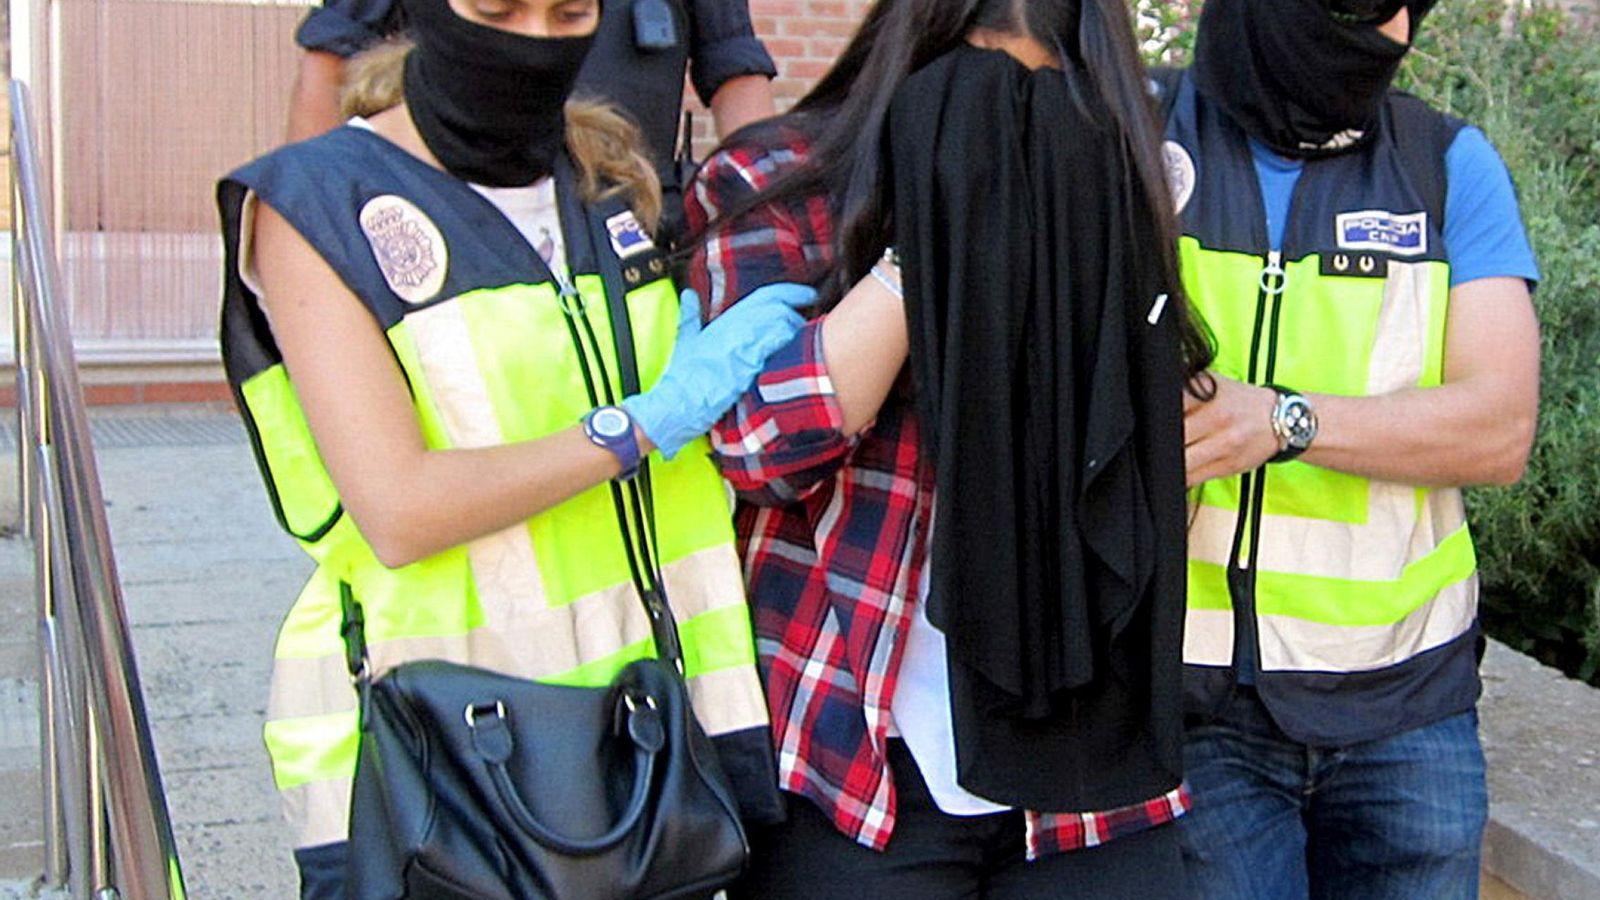 Foto: La policía detiene a una joven de 19 años que realizaba tareas de captación para el ISIS en Figueres (Girona), en septiembre de 2015. (EFE)